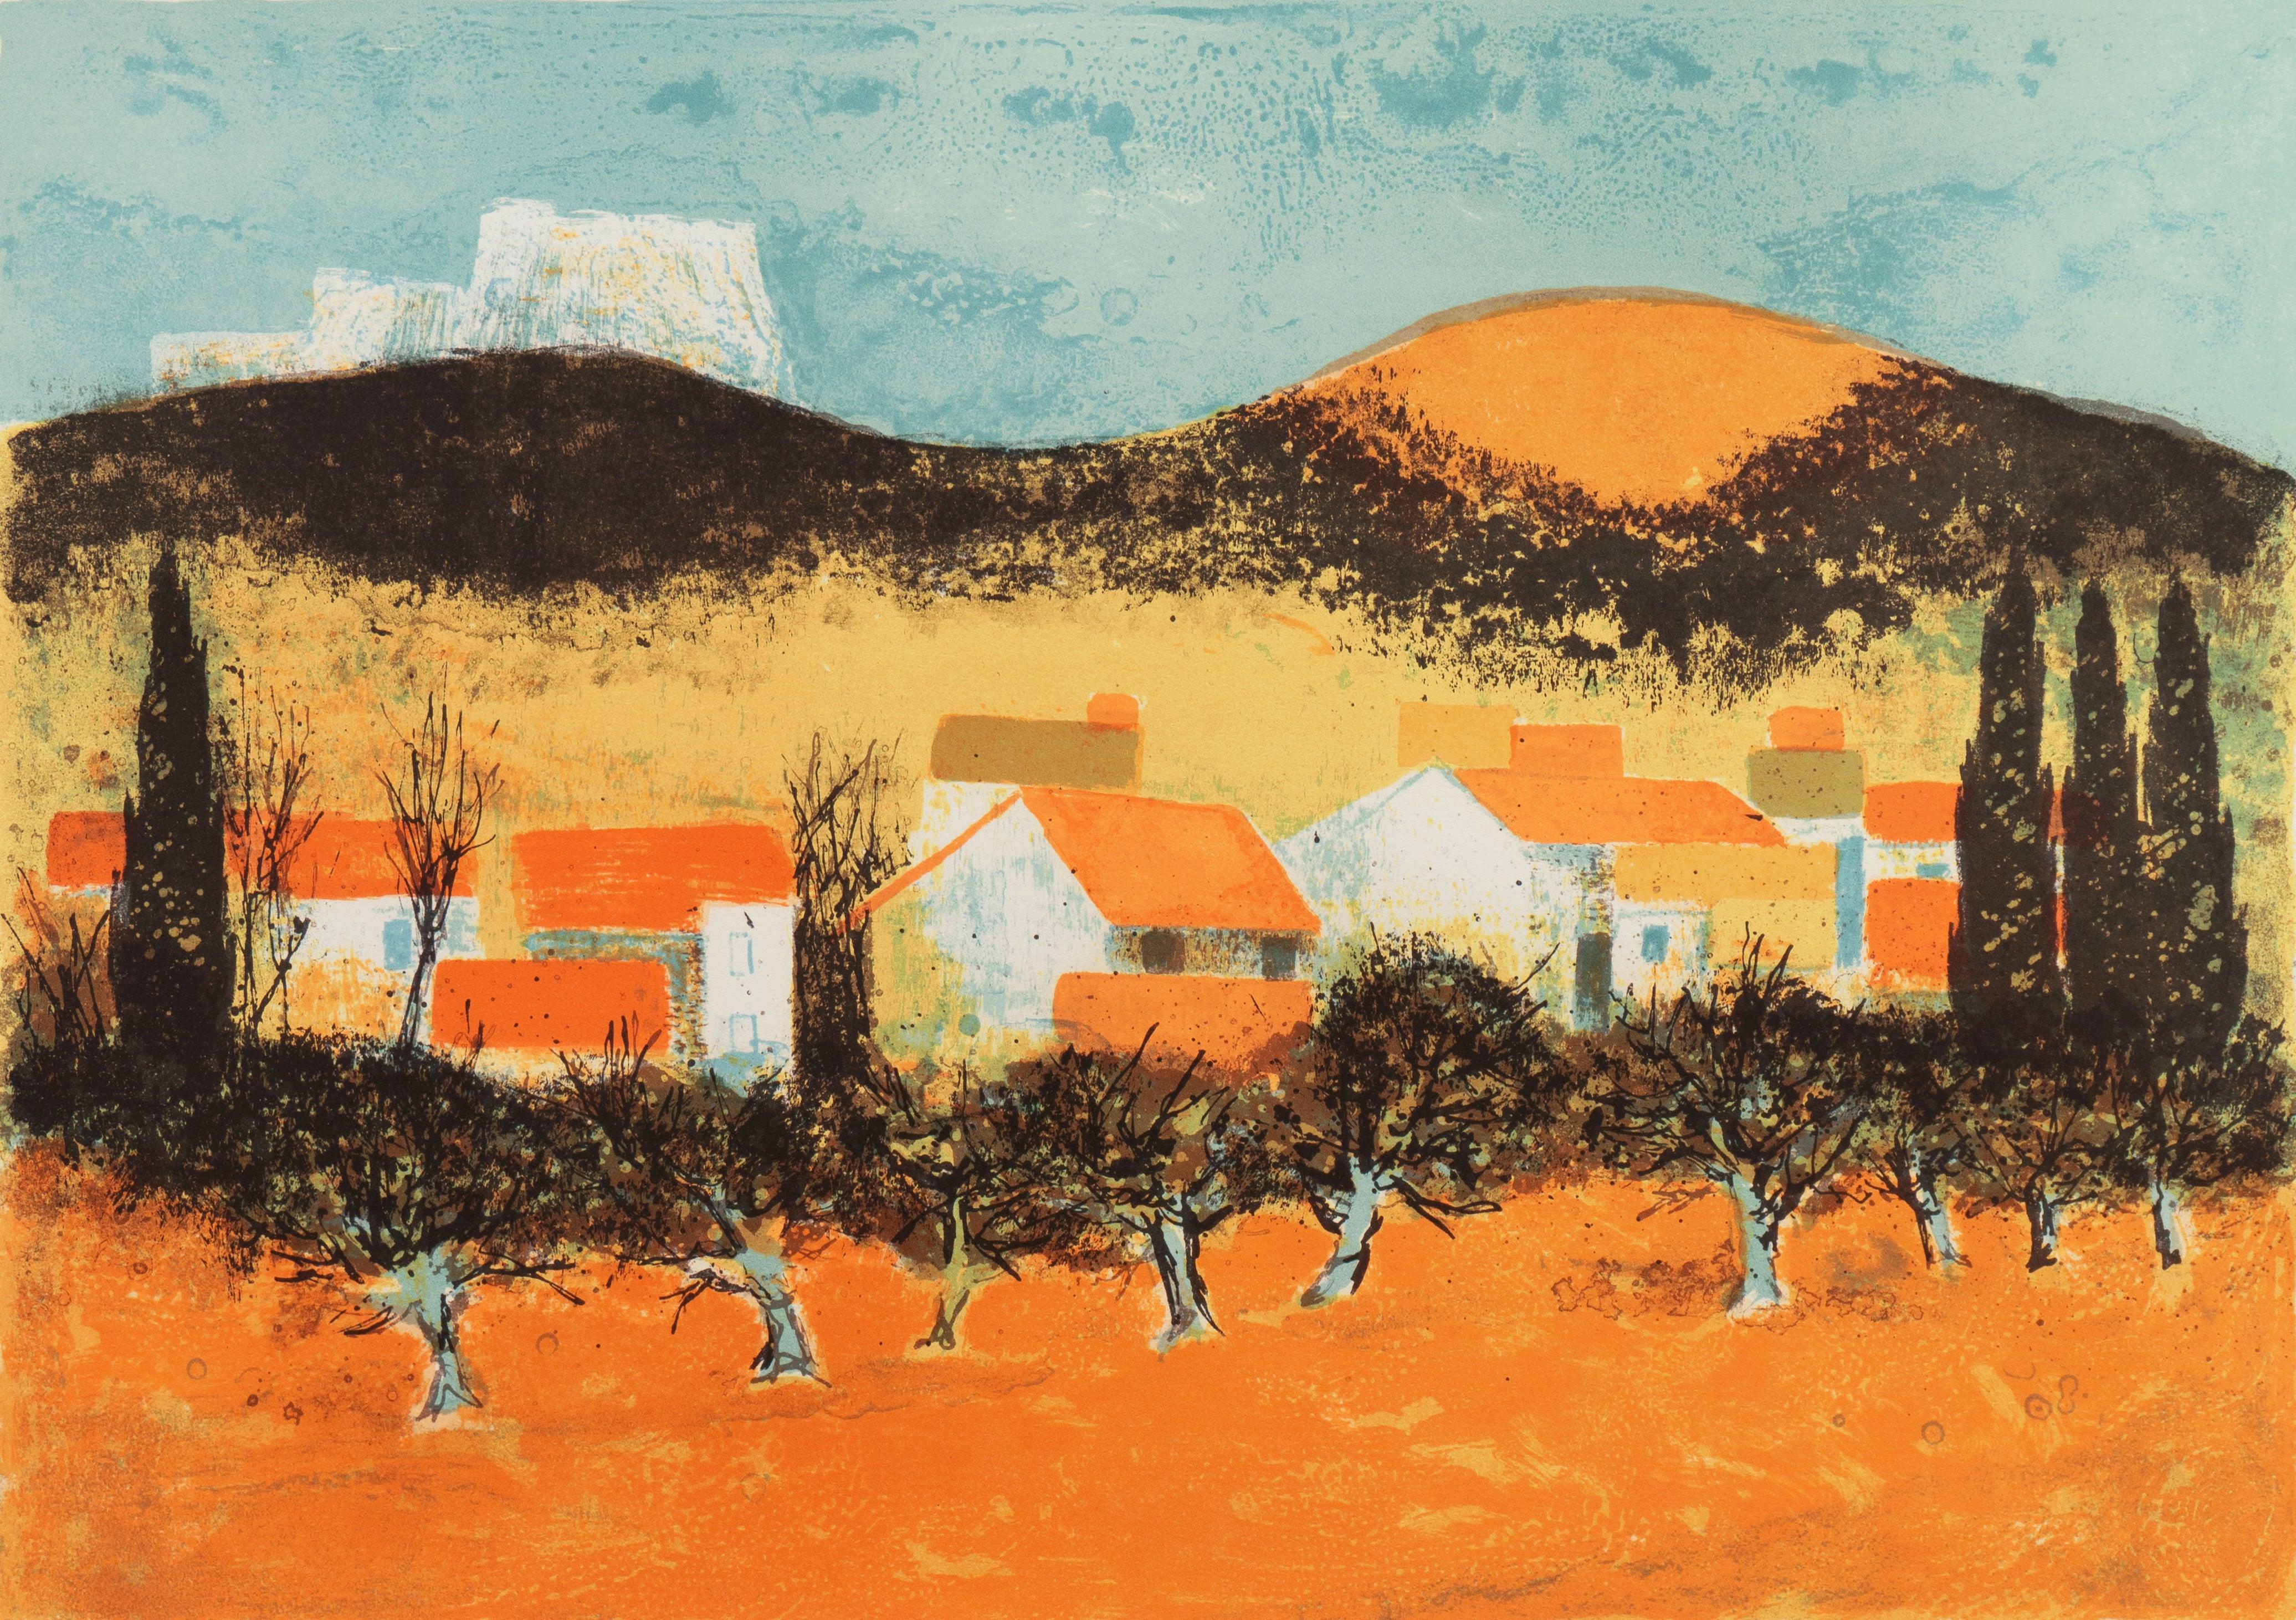 'Sunset over Provence', Paris Salon, Musée d'Art Moderne, Benezit